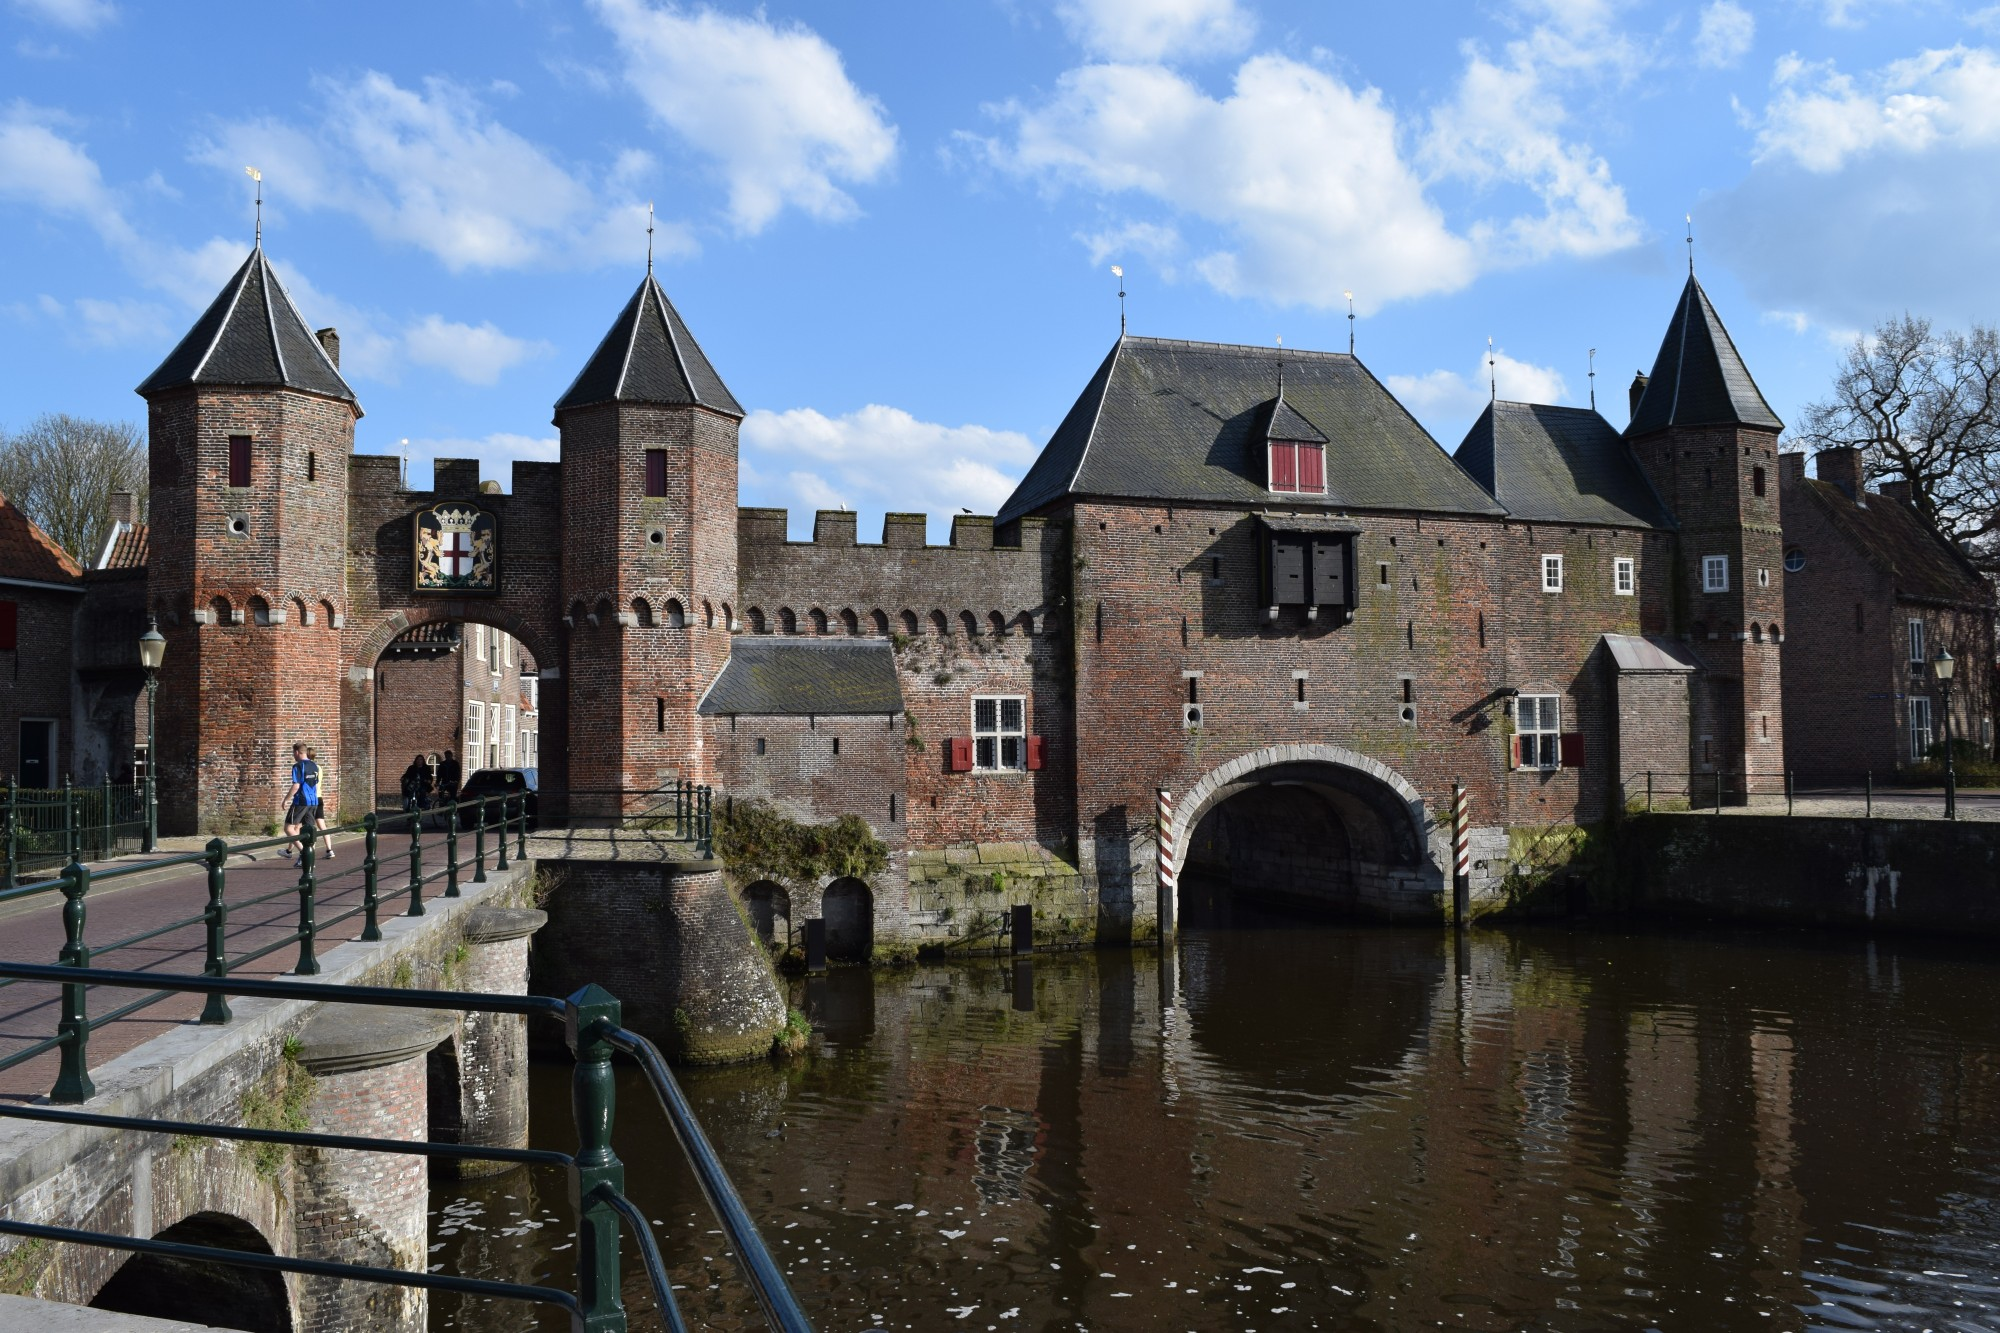 The Koppelpoort in Amersfoort, completed around 1425